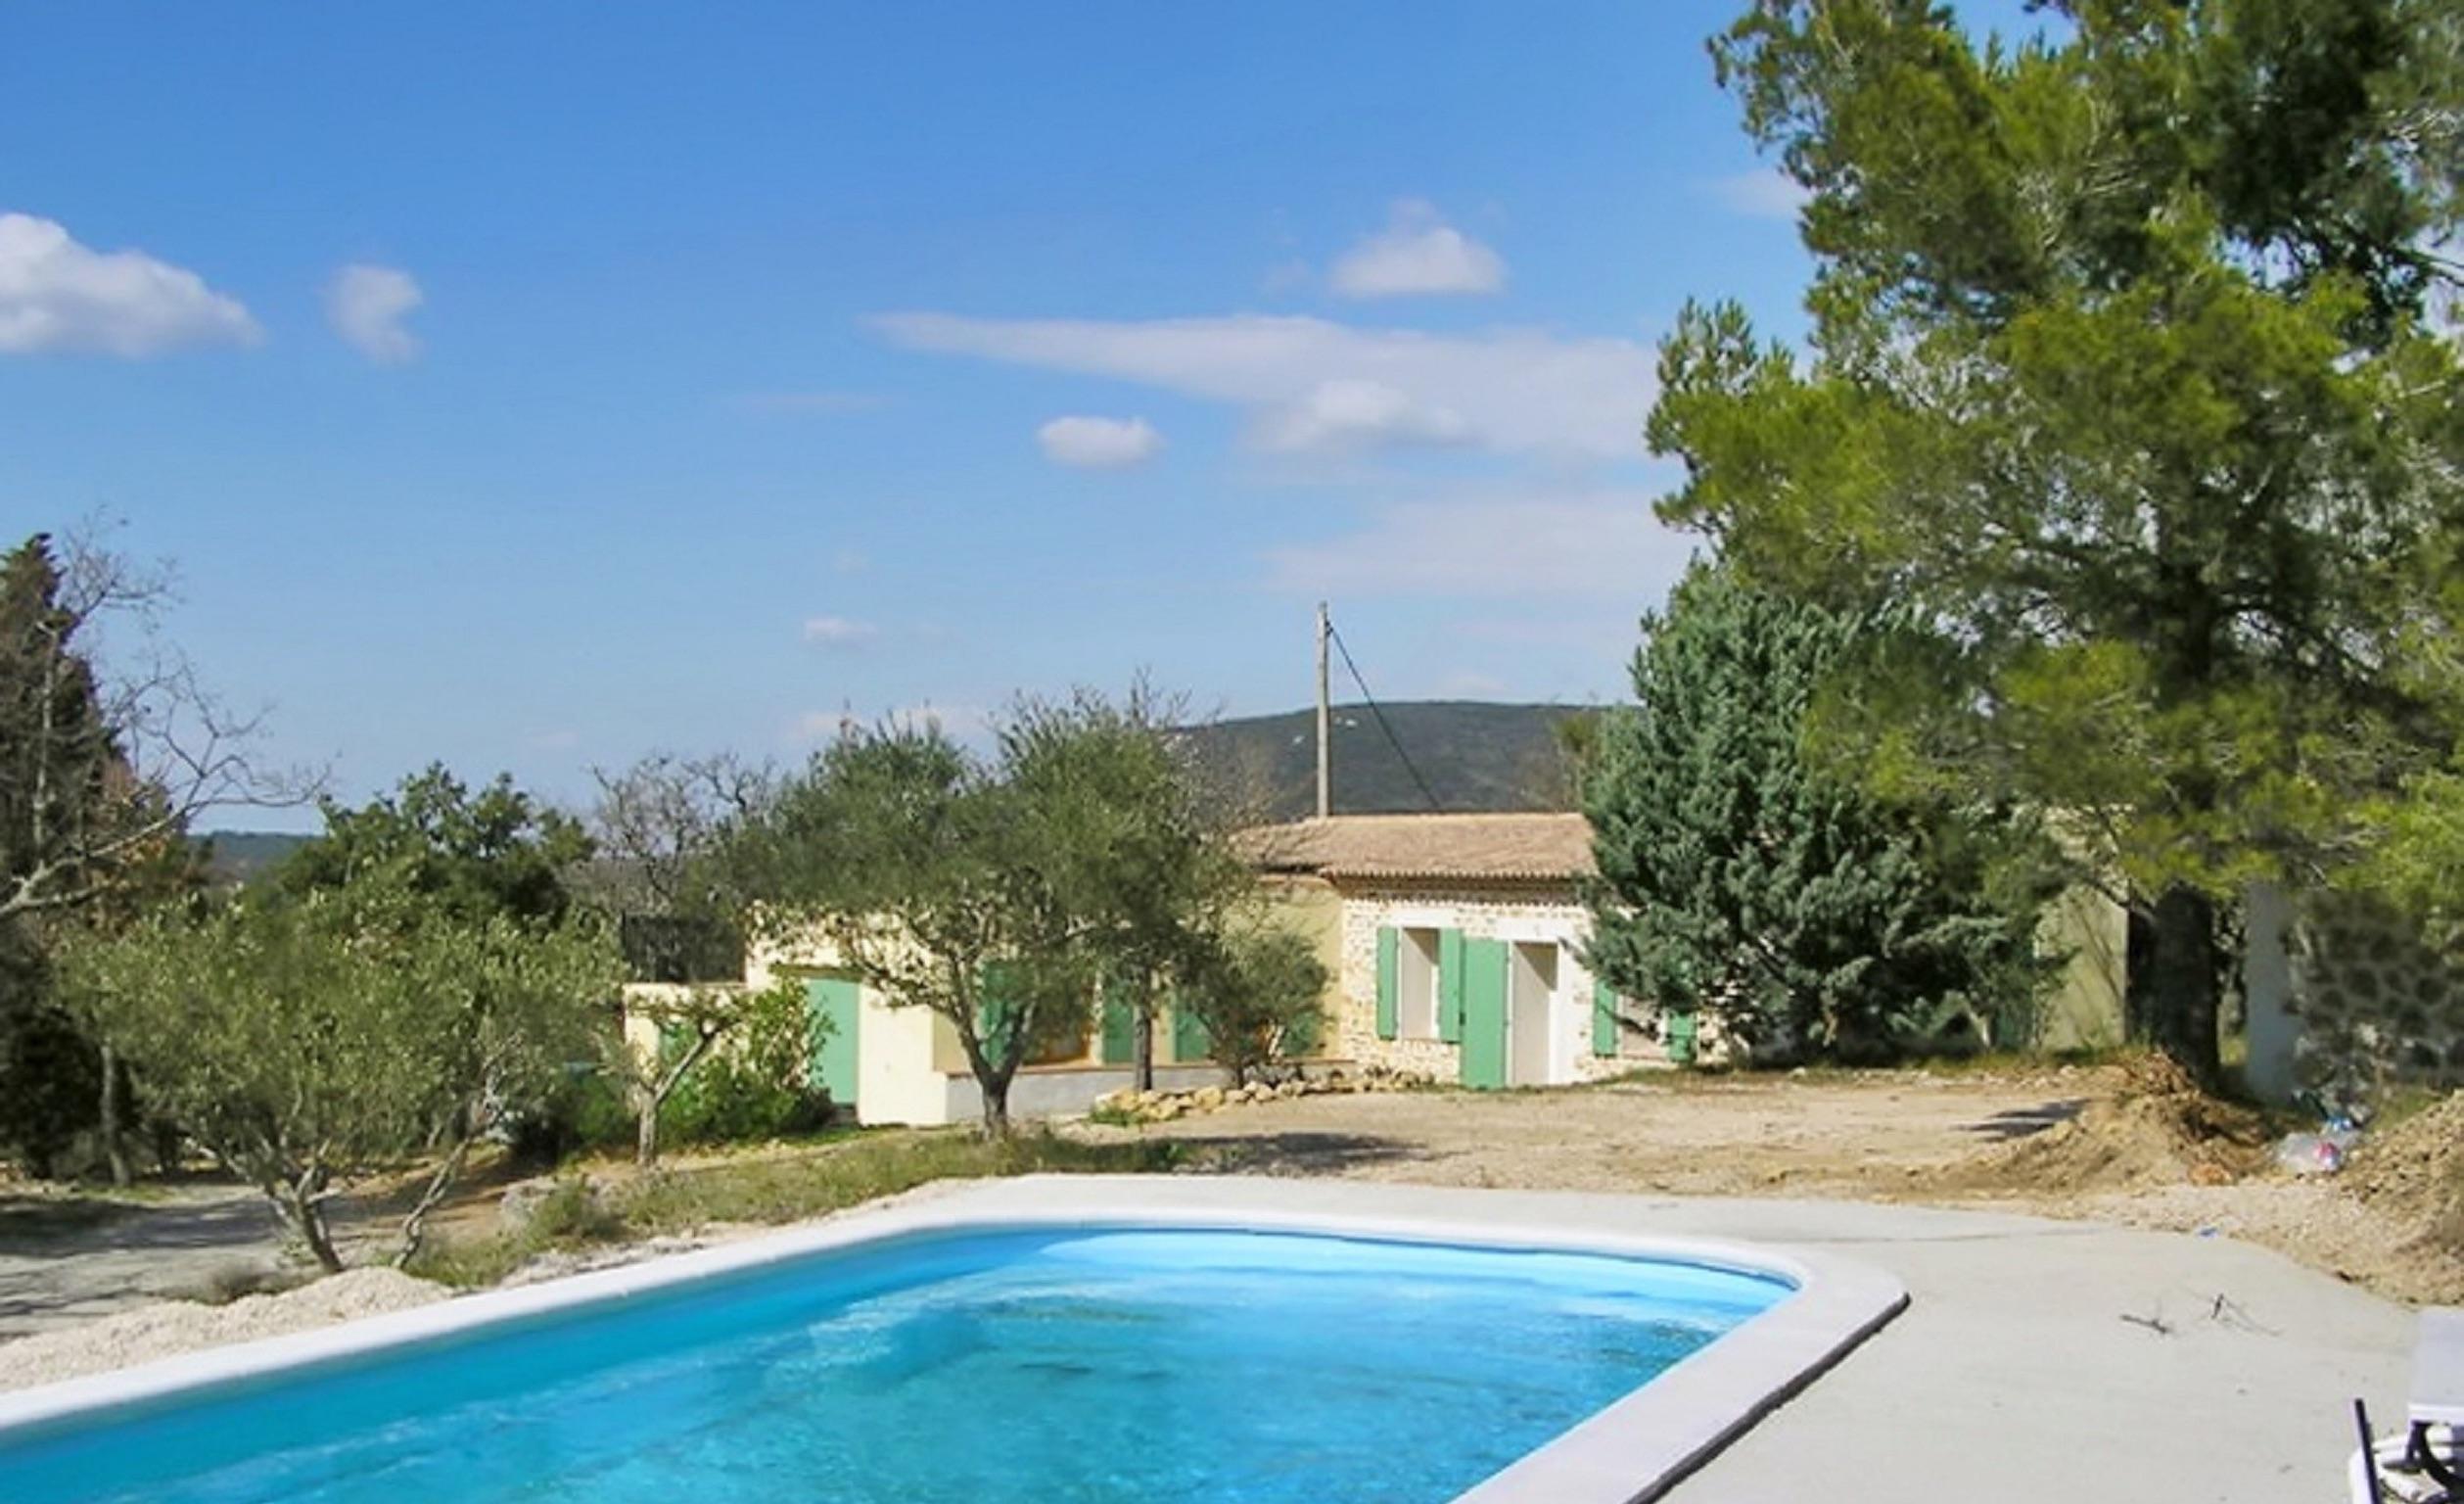 Maison de charme dans le Var, Provence, avec 4 chambres, Wi-Fi ...